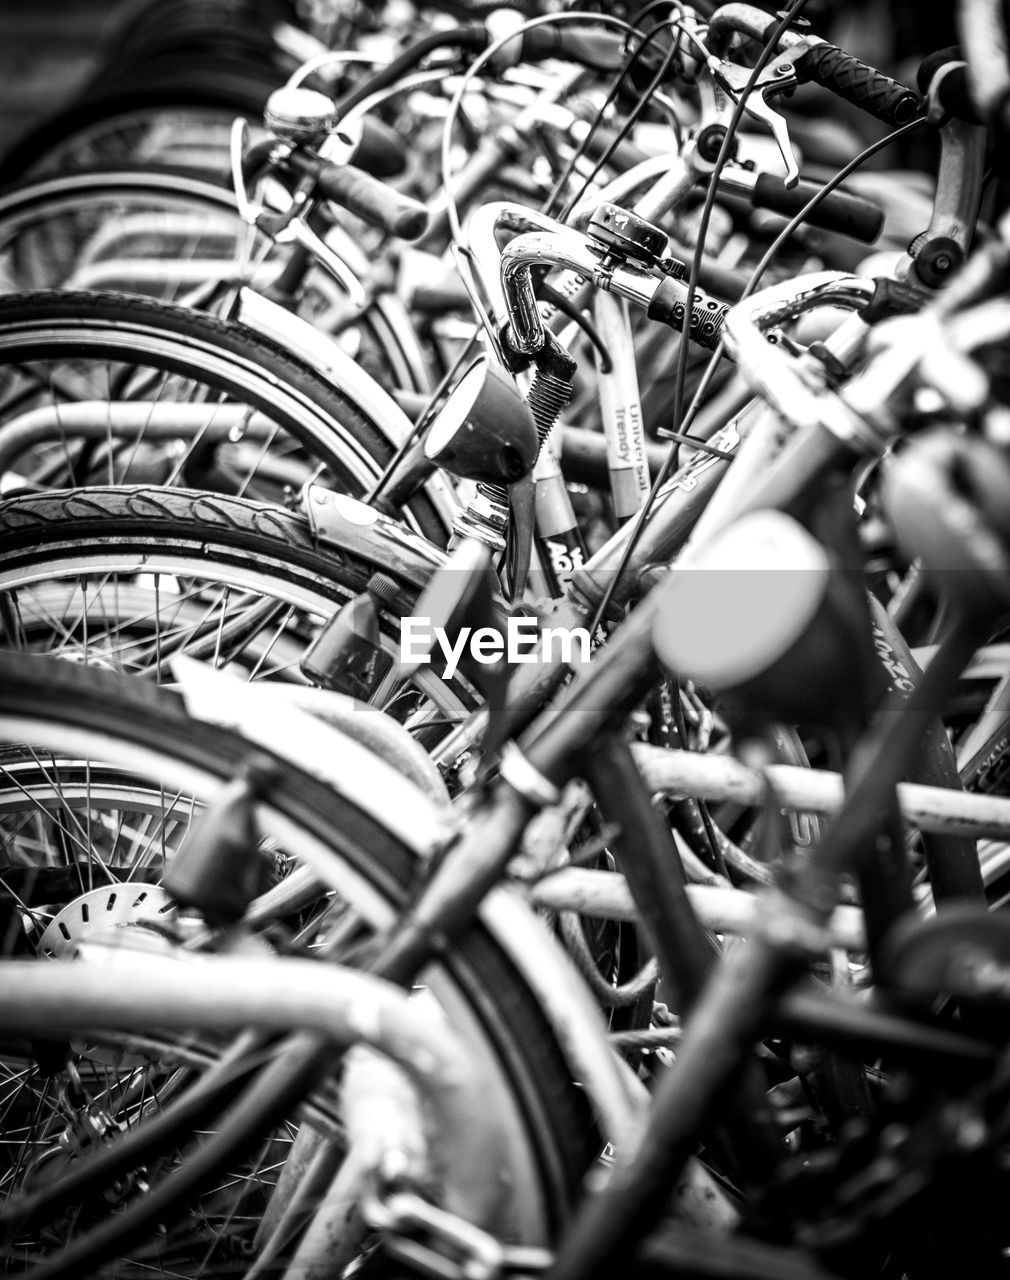 FULL FRAME SHOT OF BICYCLE WHEEL